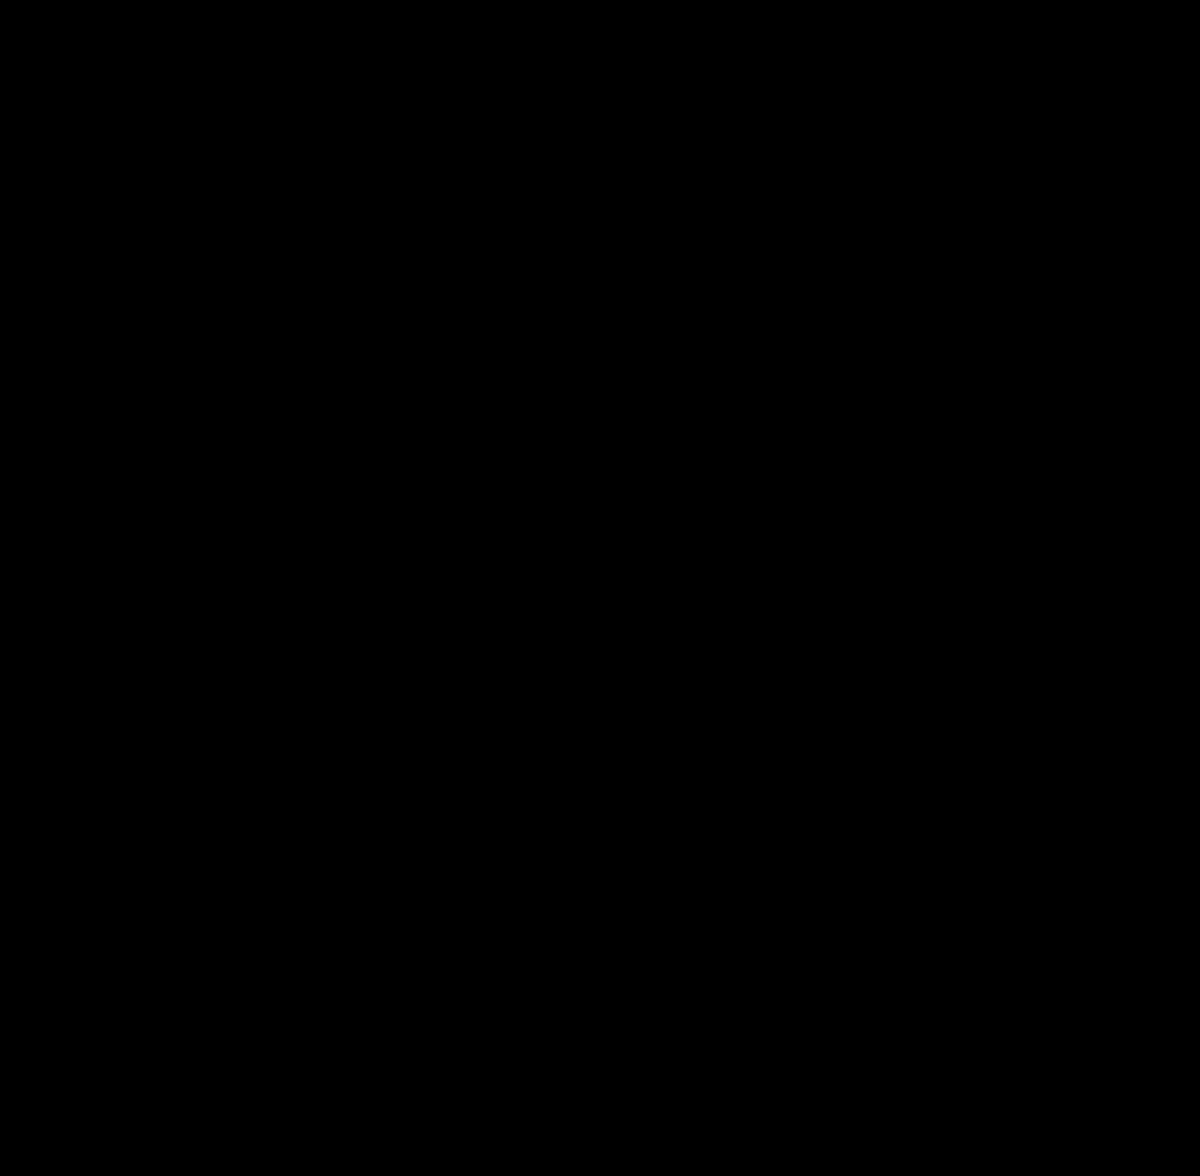 Химическая формула гексогена